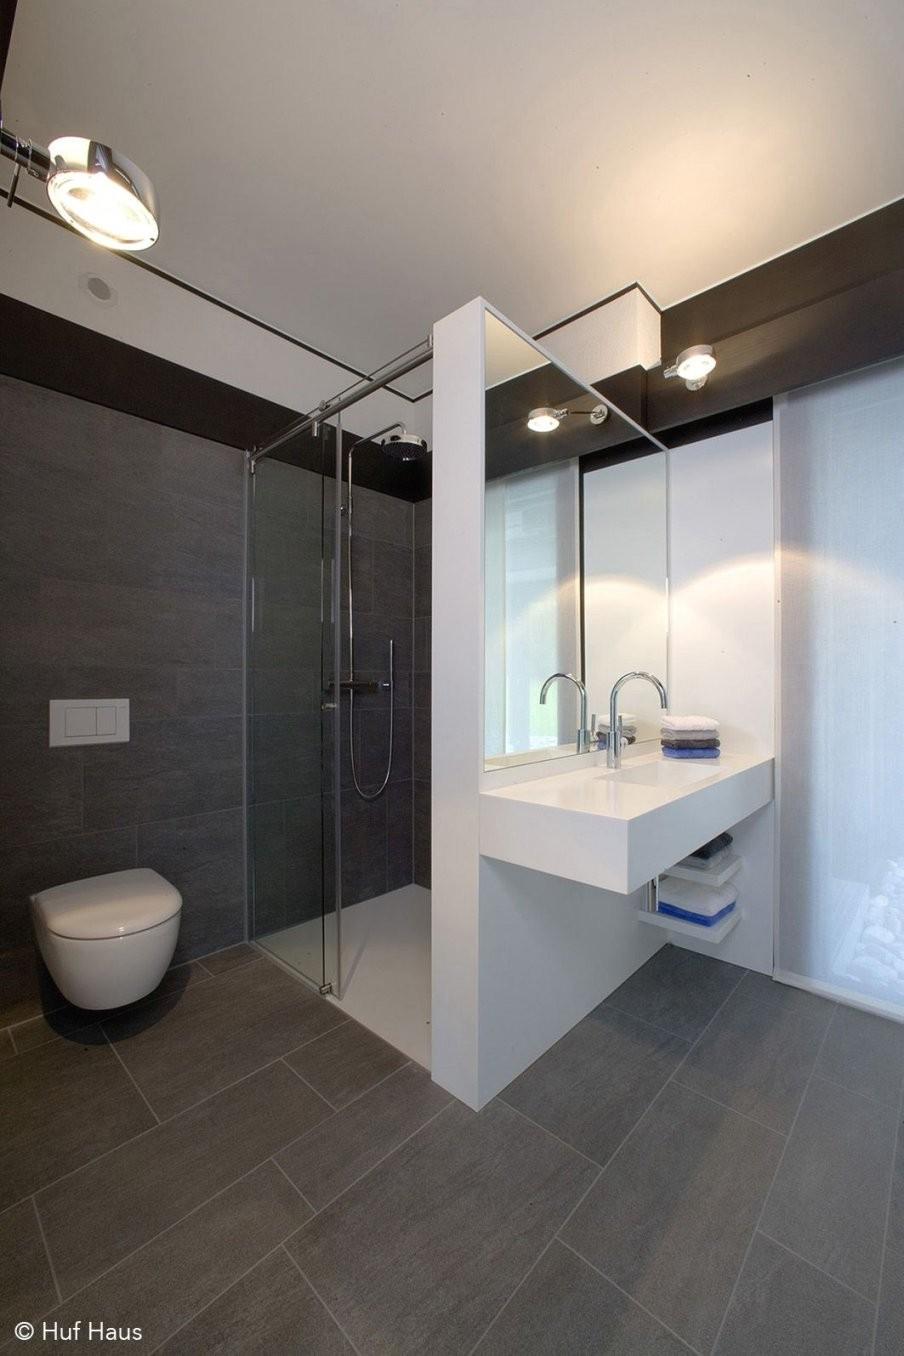 Kleine Badewanne Freistehend Ehrfürchtig Freistehende Badewanne von Kleine Freistehende Badewanne Bild